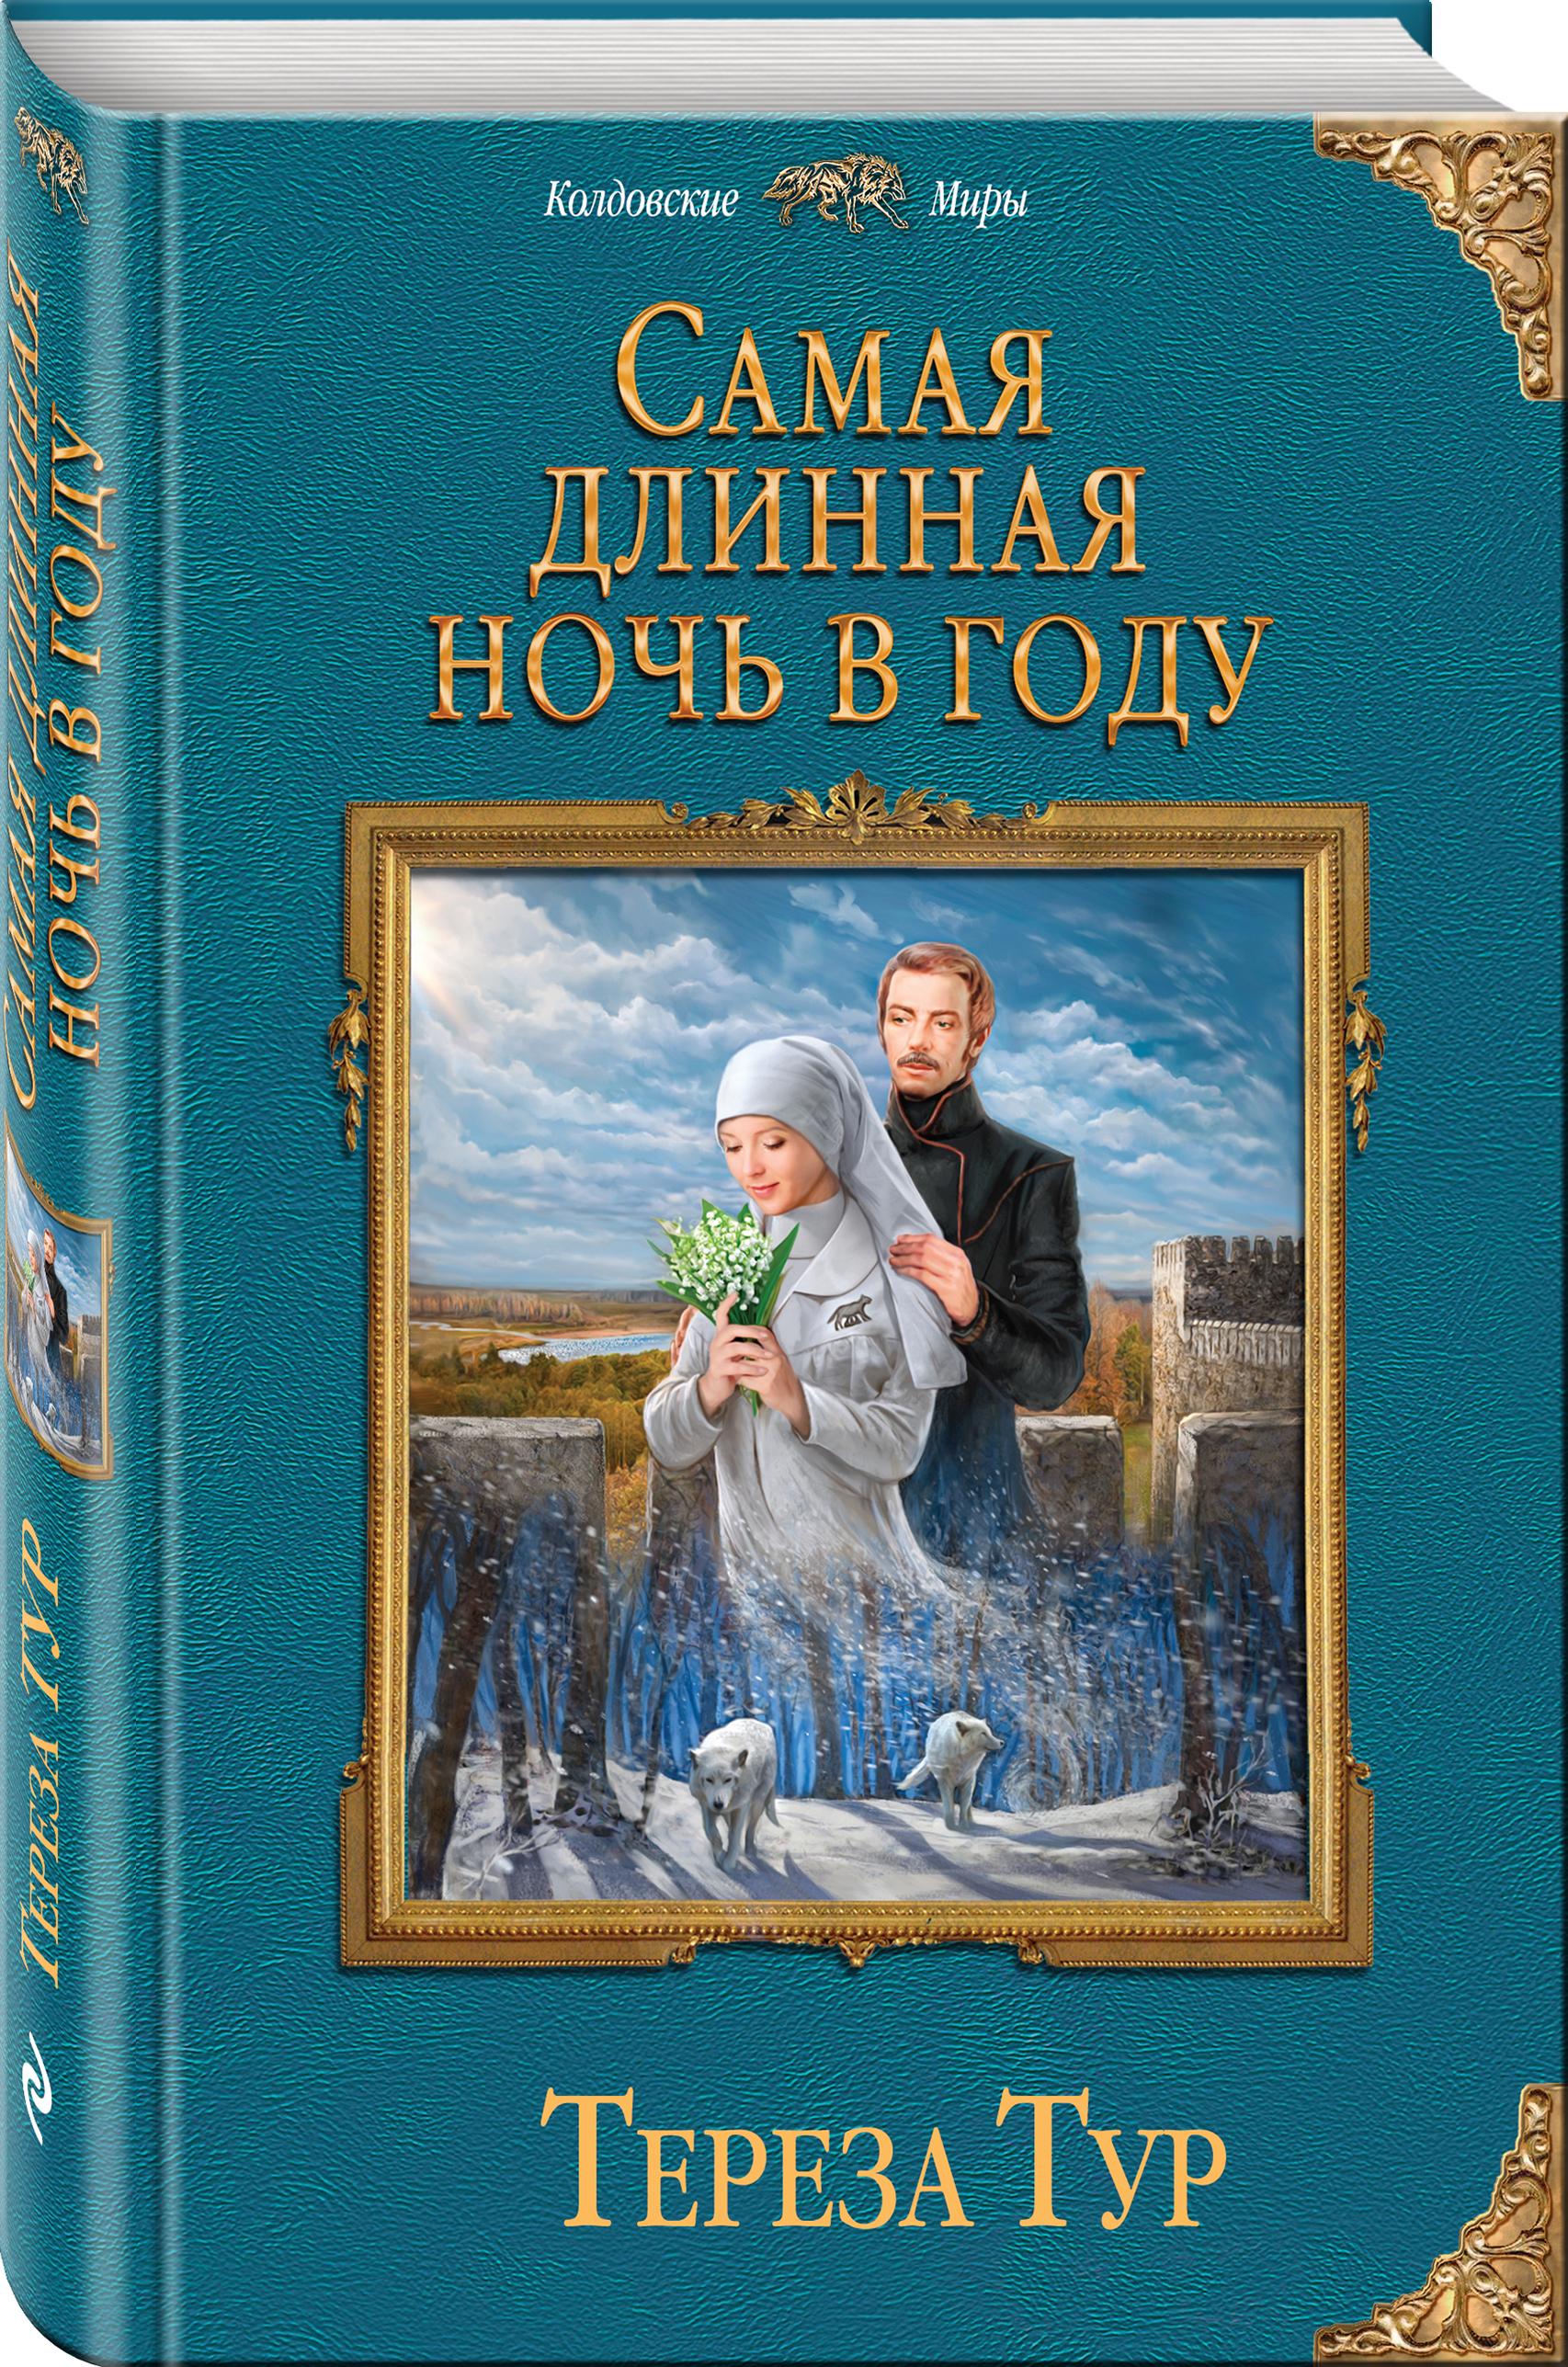 Самая длинная ночь в году от book24.ru